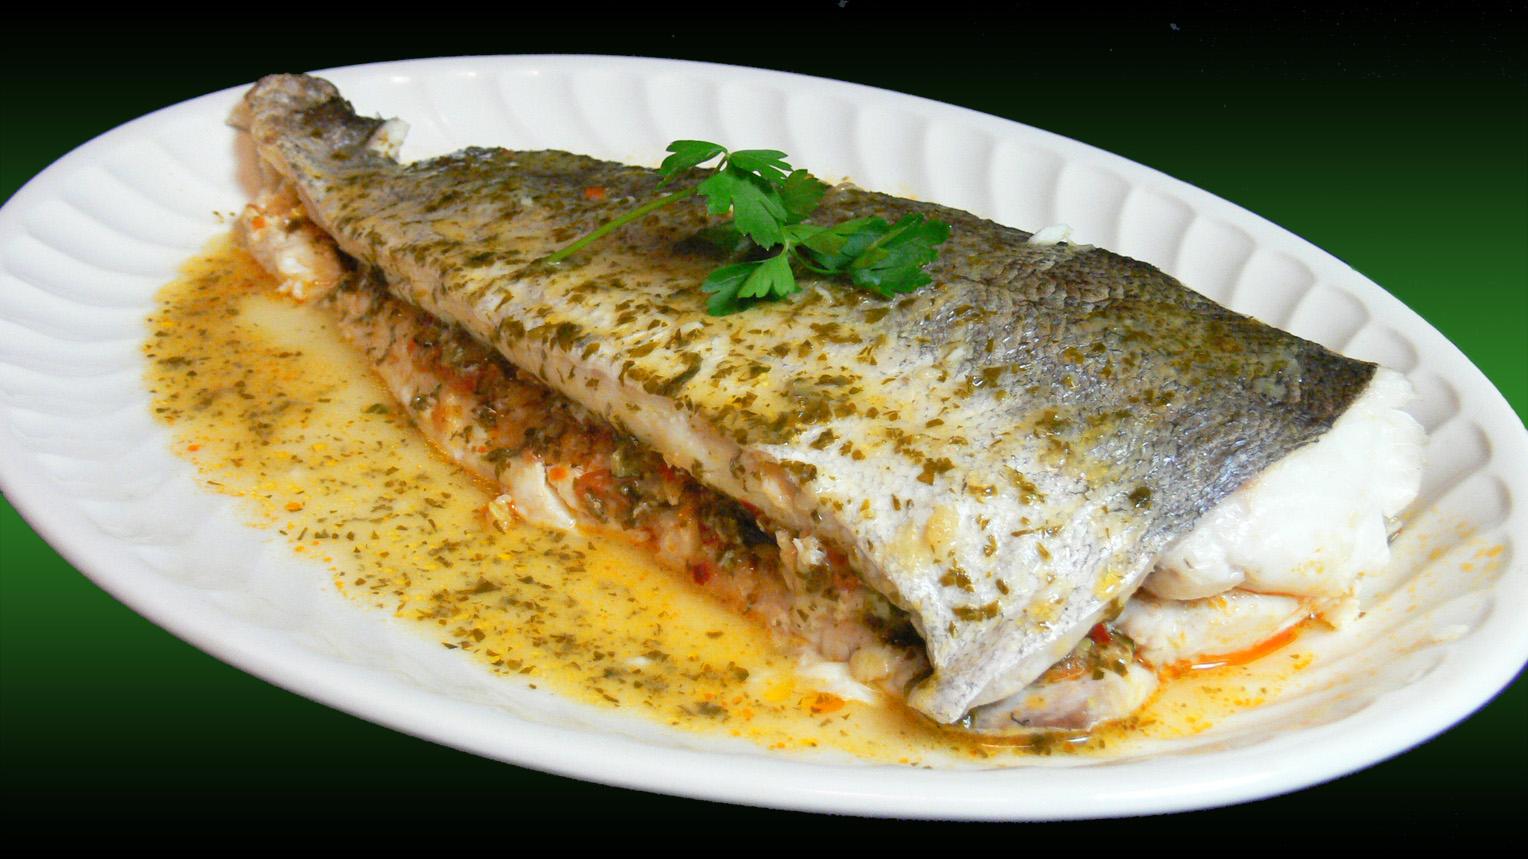 Cocinar para los amigos merluza rellena de verduras - Merluza rellena de marisco al horno ...